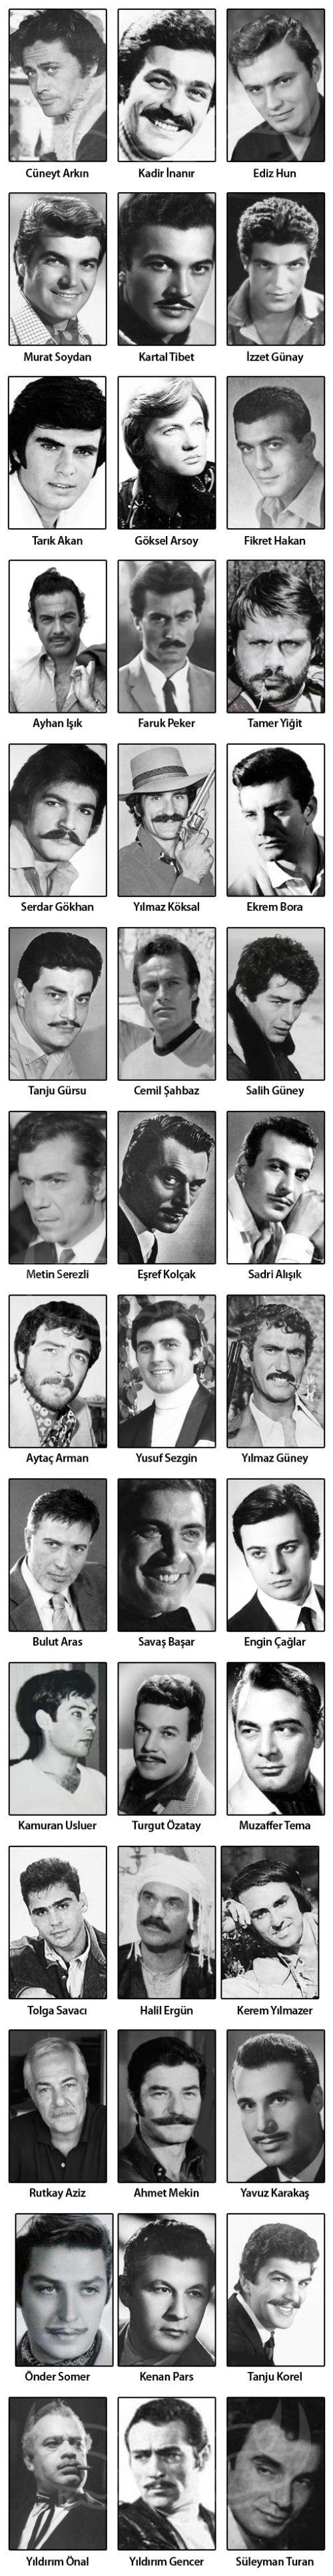 Türk sineması ekolleri komple